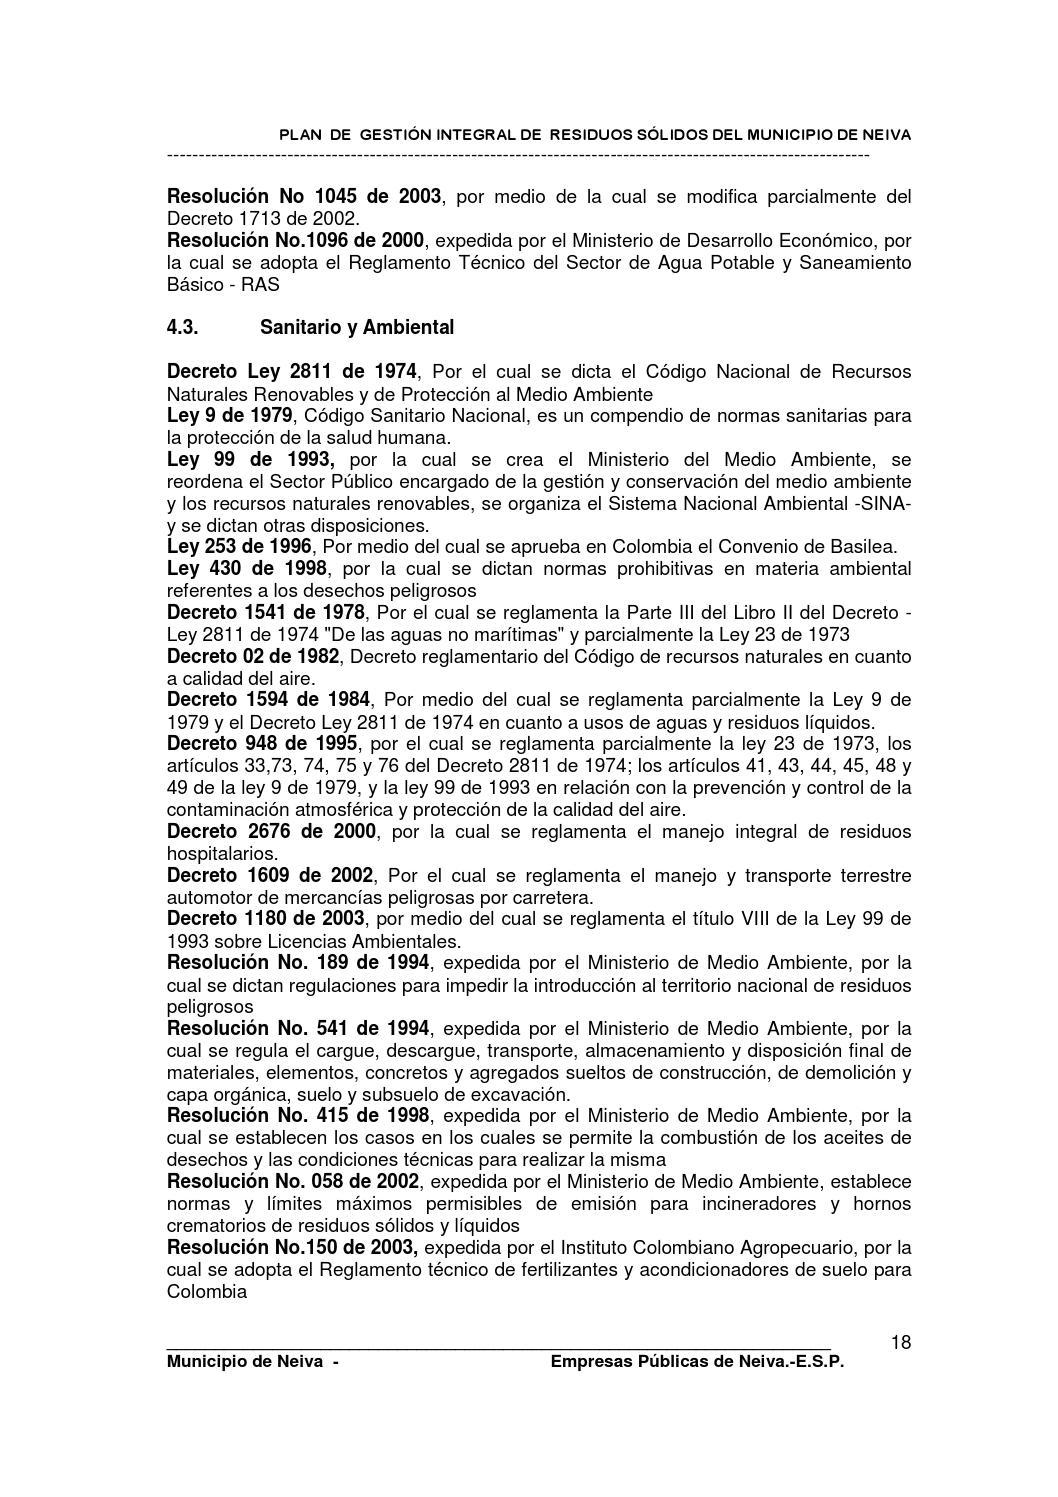 DECRETO 1045 DE 2003 EPUB DOWNLOAD